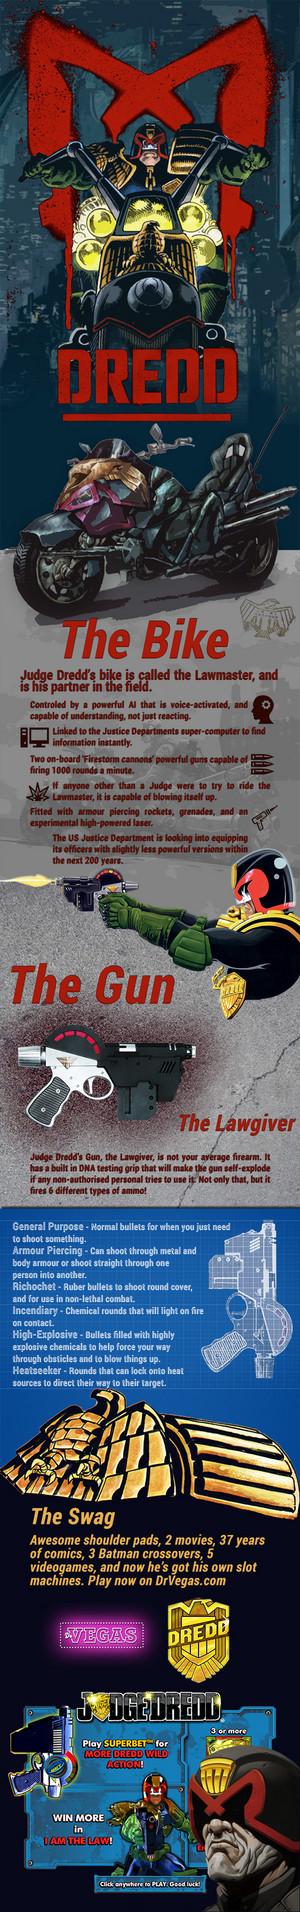 The Ultimate Judge Dredd info-graphic